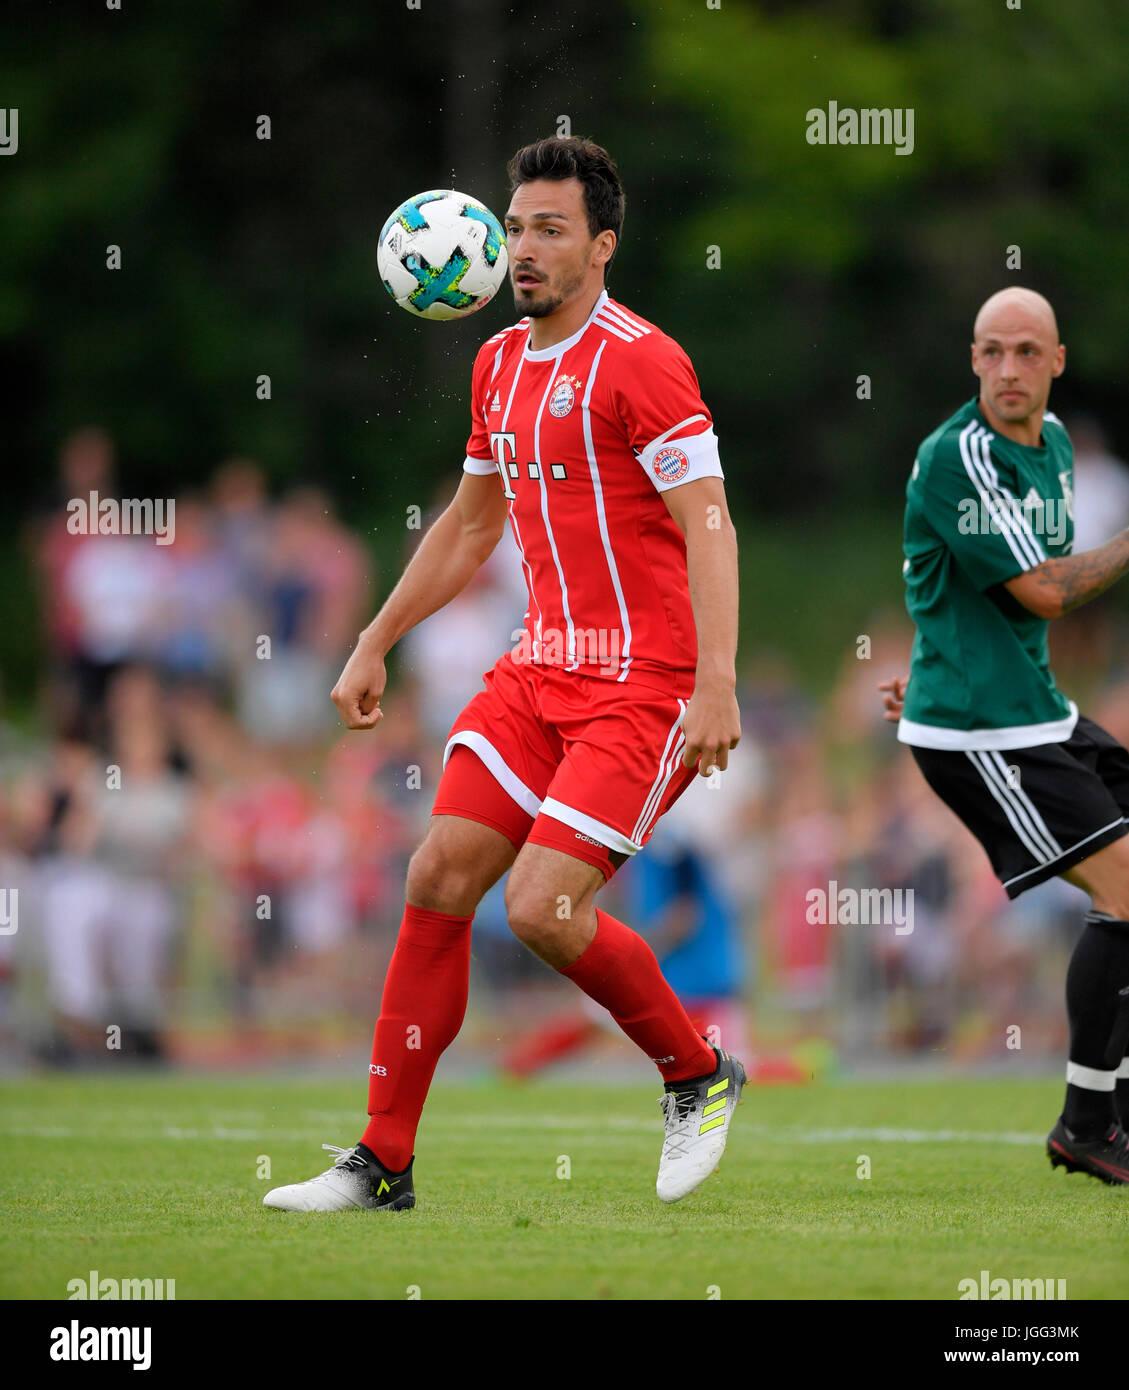 06.07.2017, Fussball 1.Bundesliga 2017/2018, Saisonvorbereitung, BCF Wolfratshausen - FC Bayern München, im Stadion Stock Photo